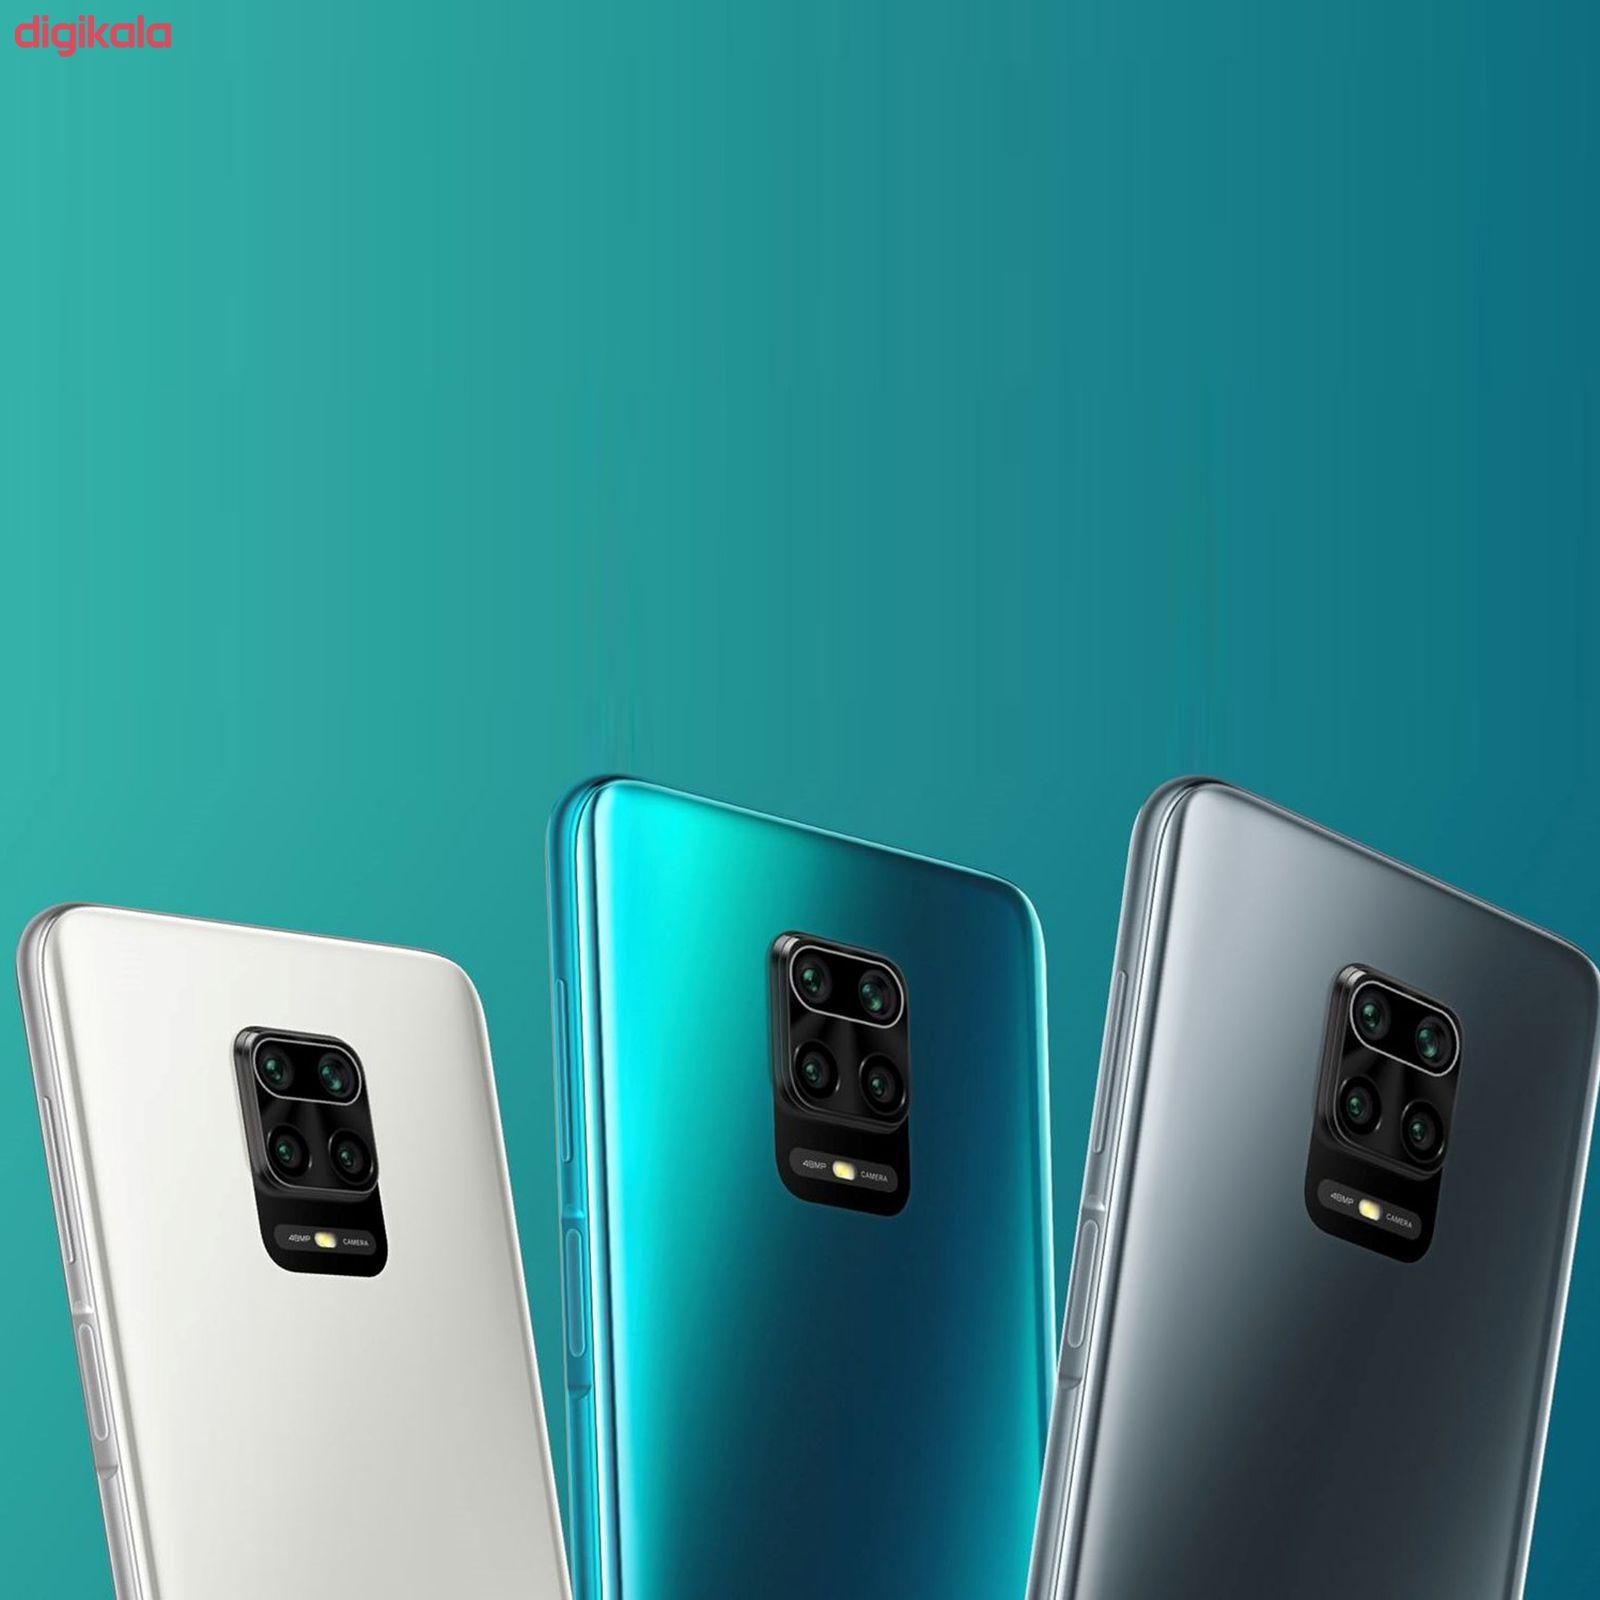 گوشی موبایل شیائومی مدل Redmi Note 9S M2003J6A1G دو سیم کارت ظرفیت 64 گیگابایت  main 1 8